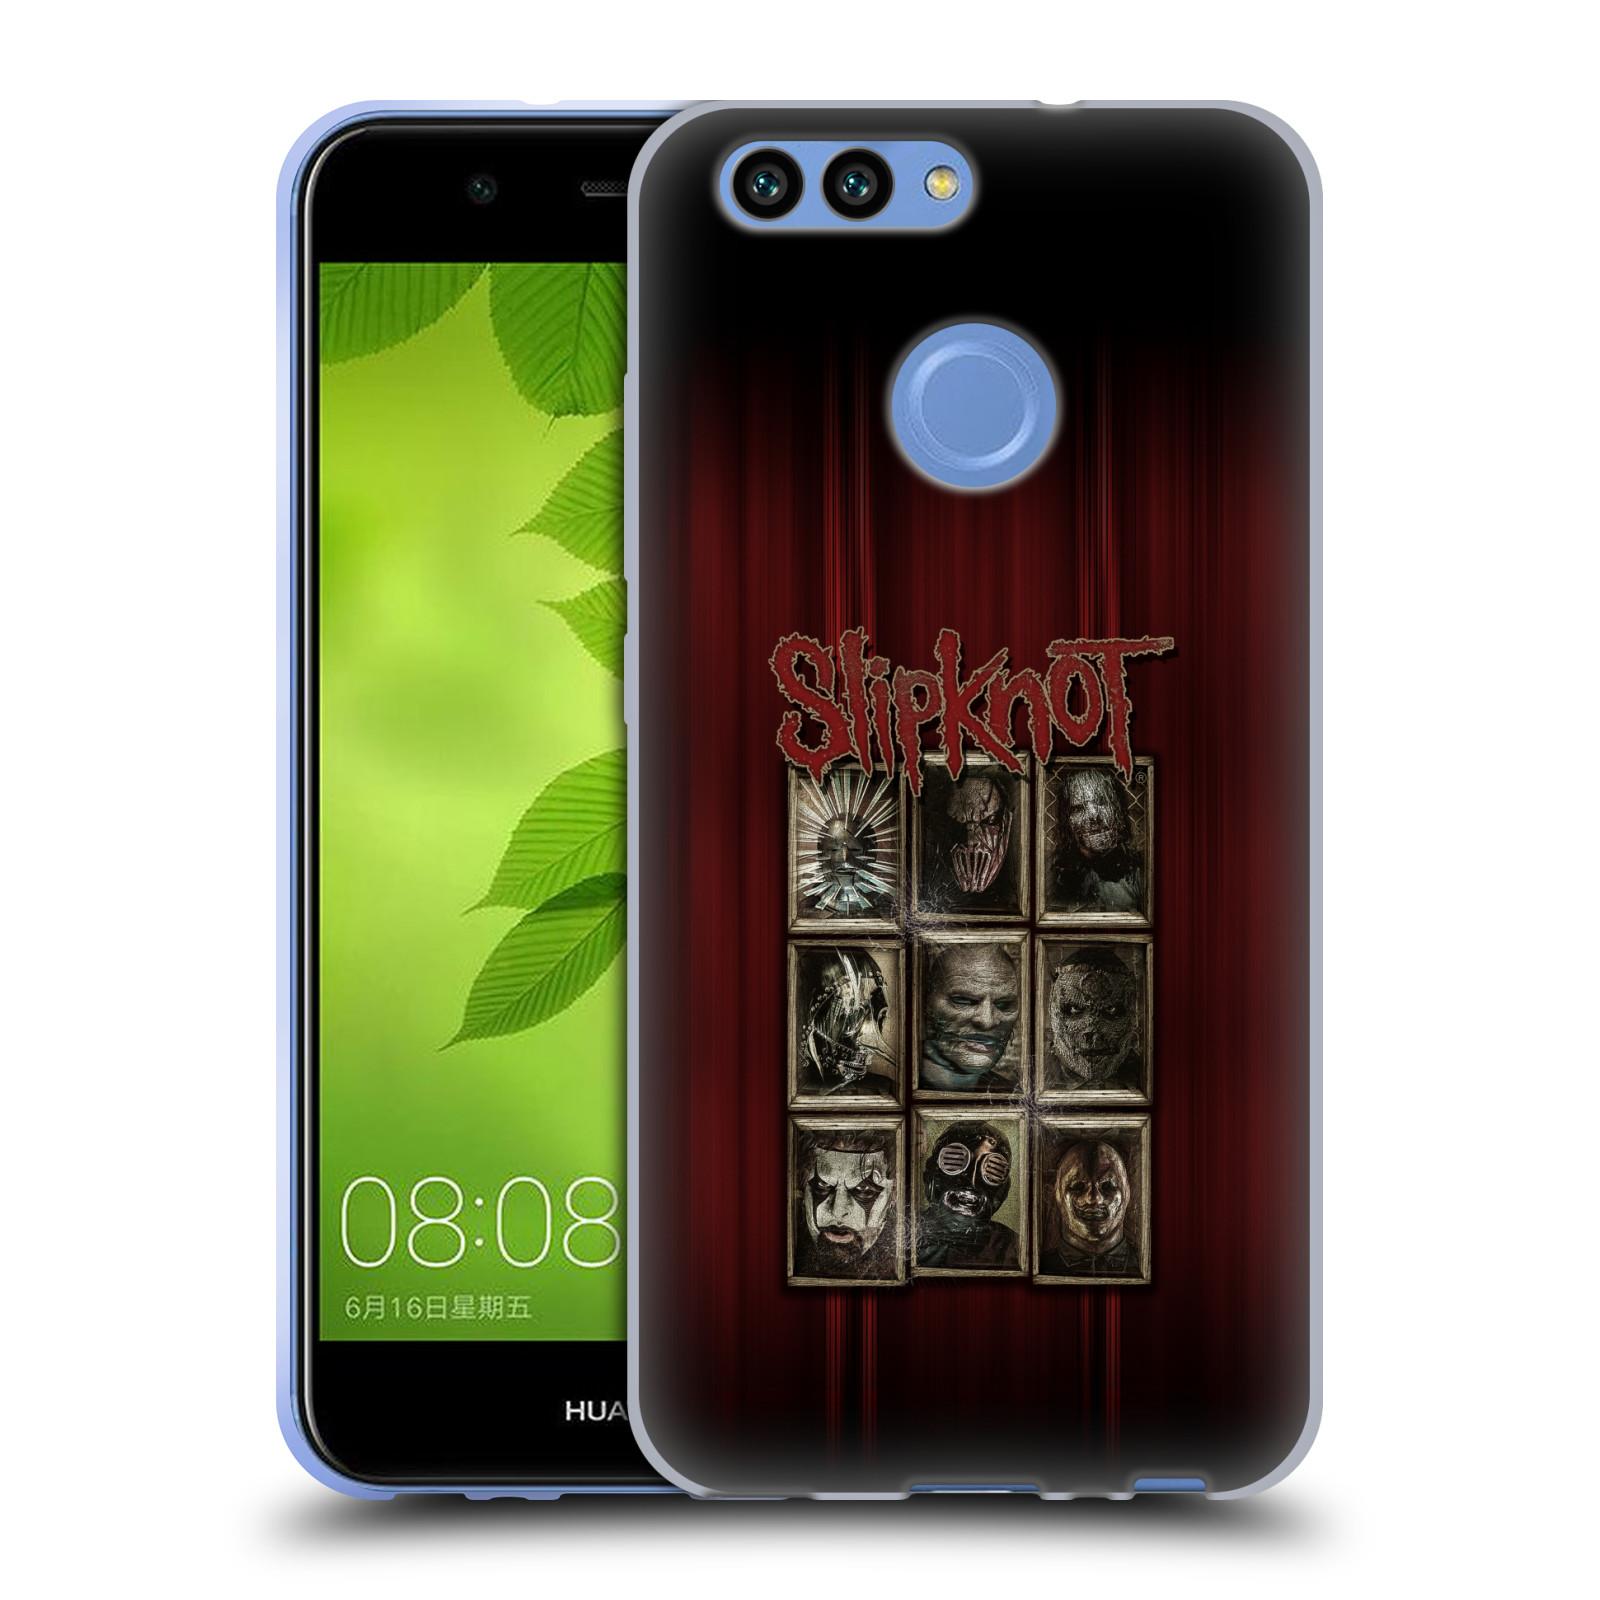 Silikonové pouzdro na mobil Huawei Nova 2 - Head Case - Slipknot - Masky (Silikonový kryt či obal na mobilní telefon Huawei Nova 2 s motivem Slipknot - Masky)